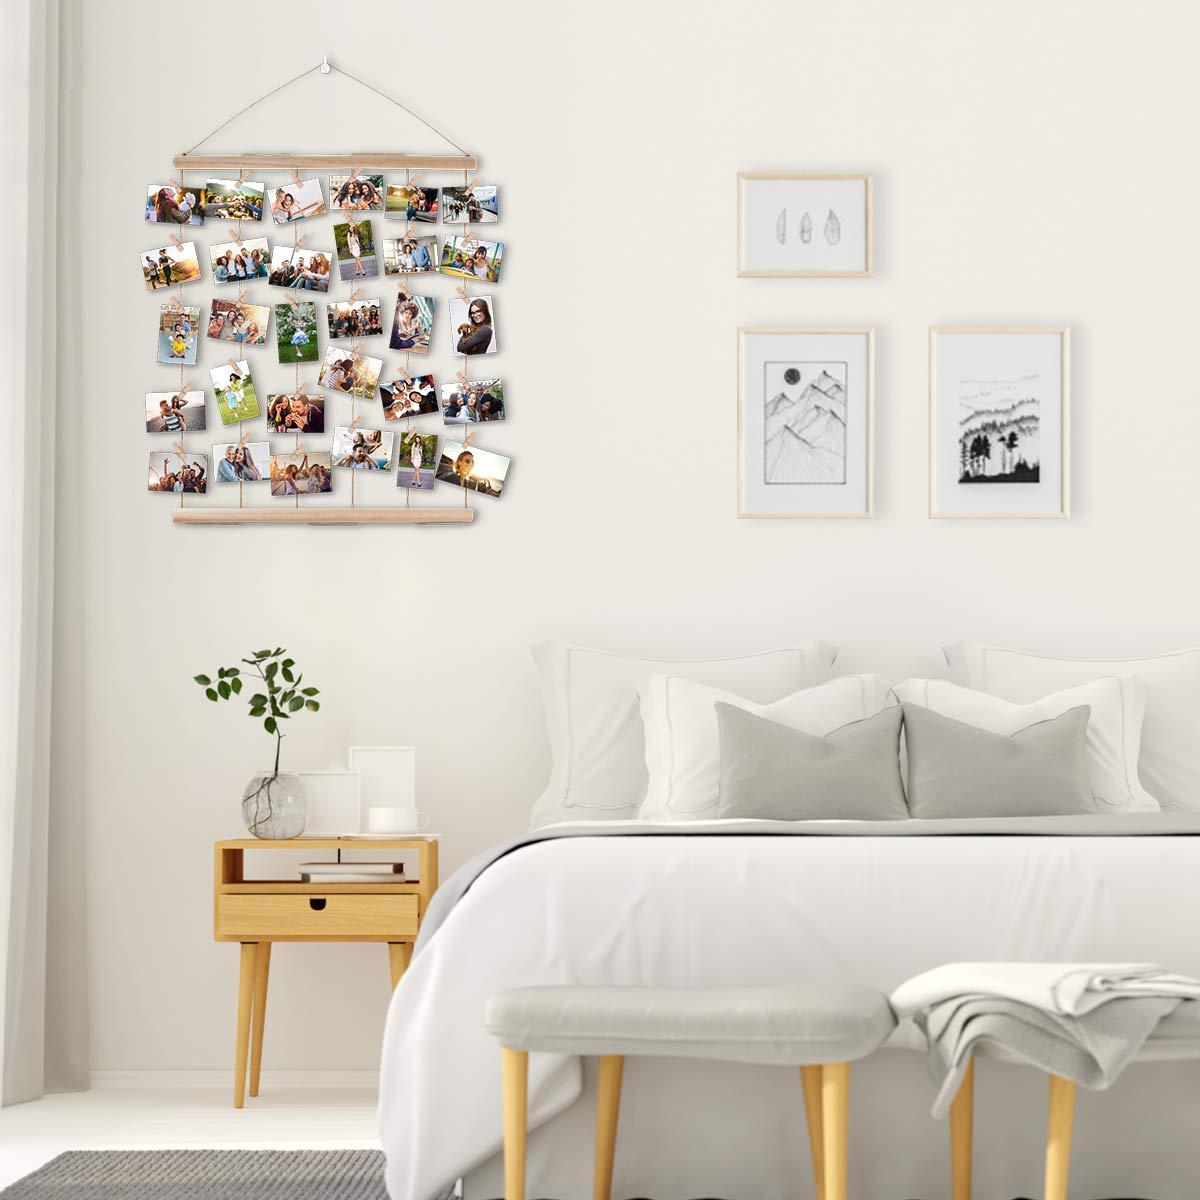 AIEVE Colgar pantalla de fotos,madera colgar marcos de pantalla de fotos,colgar en la pared organizador de fotos con clips para la decoraci/ón de la pared fotos